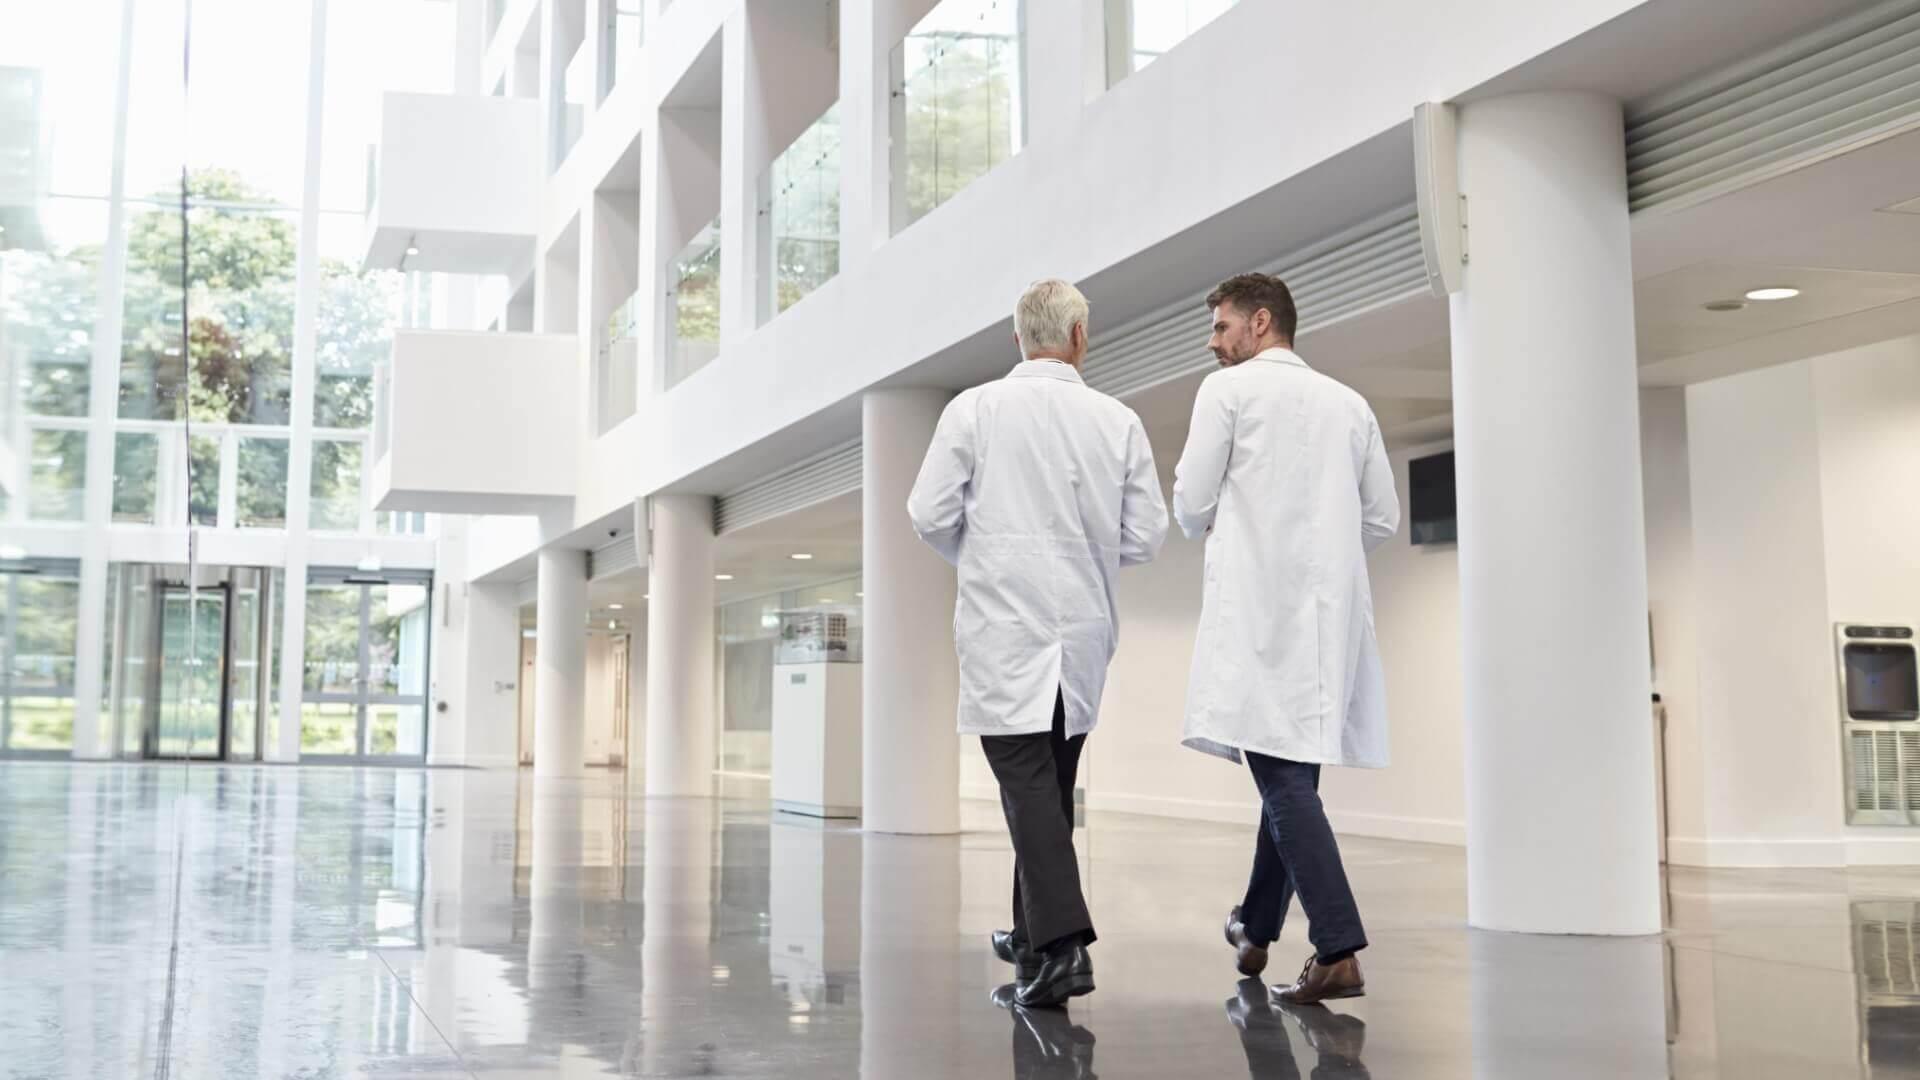 Sistemi di chiusura per settore ospedaliero e sanitario